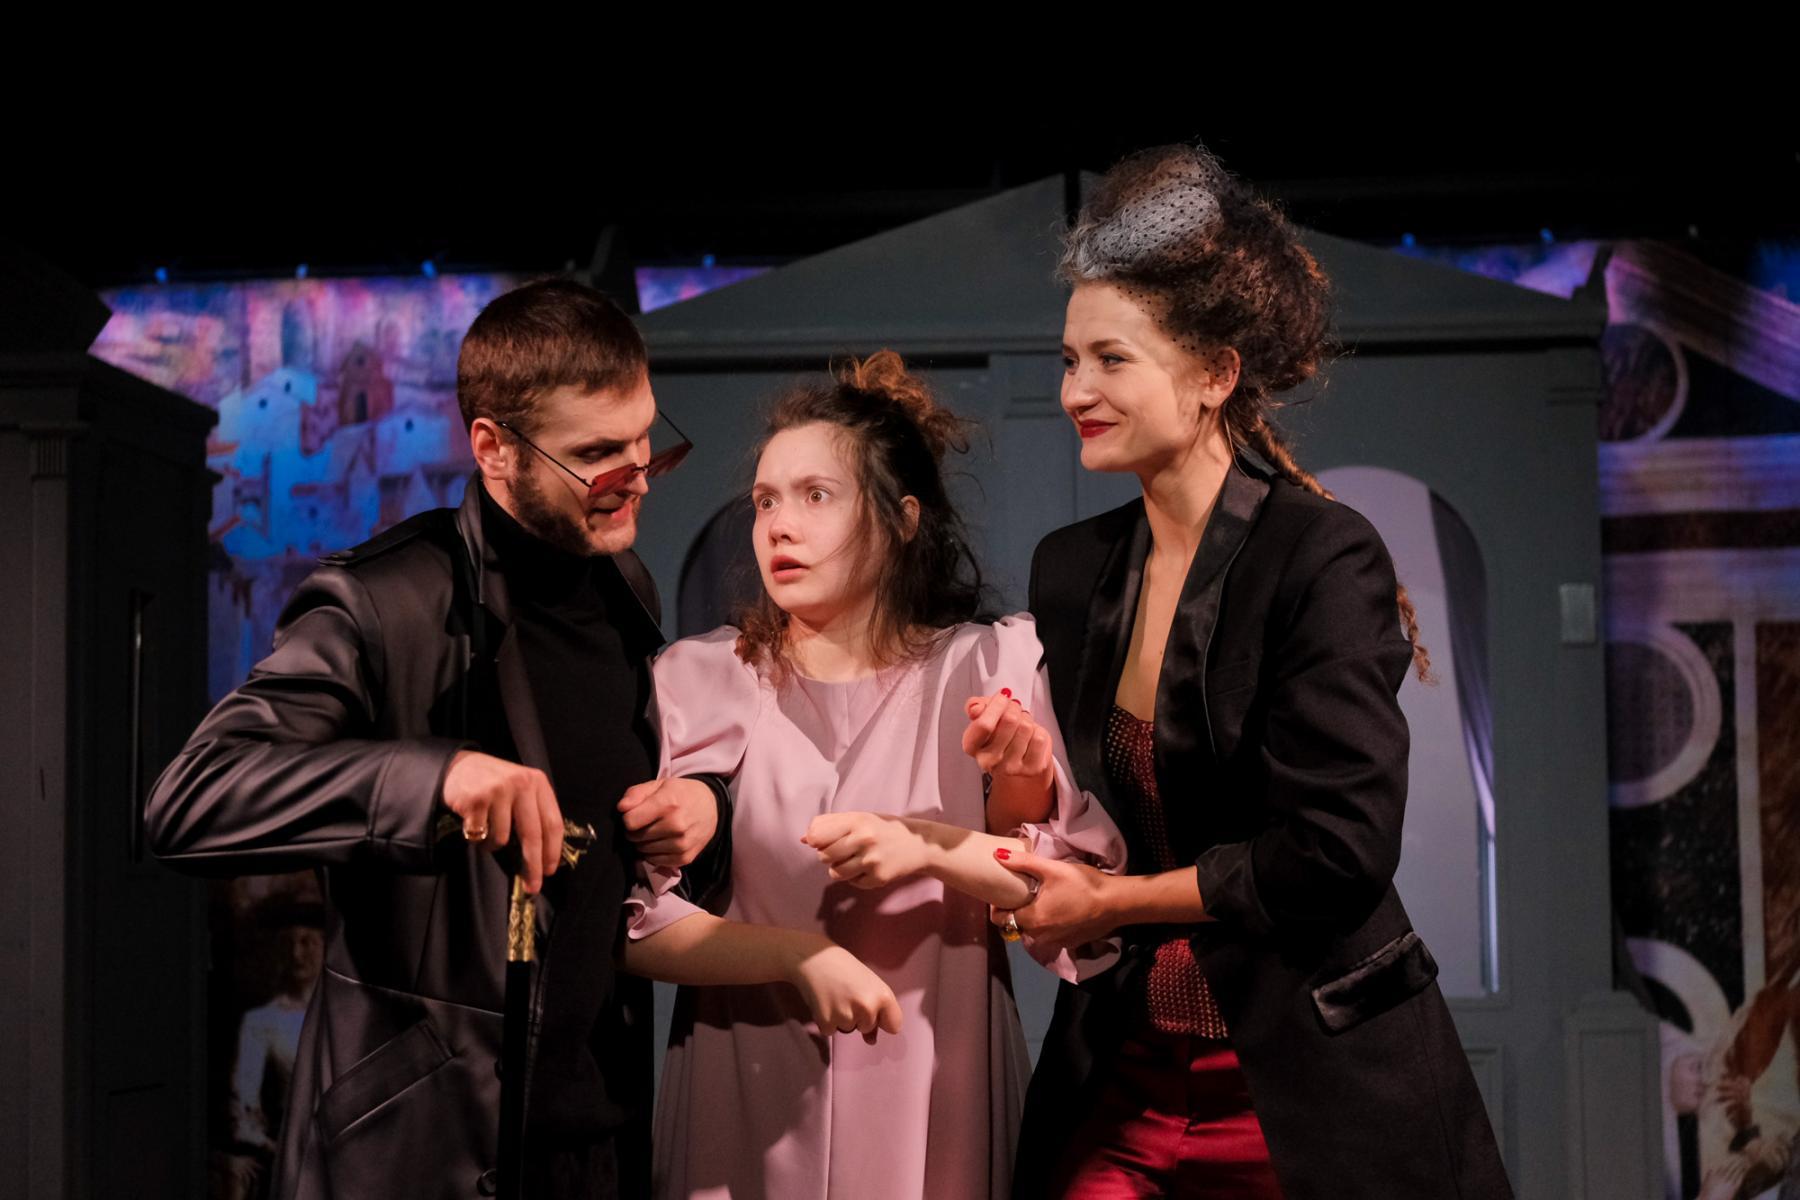 фото «Спектакль про детей, которые наворотили дел, и всё кончилось плохо»: остросюжетный детектив о Ромео и Джульетте показали в  «Первом театре» 5